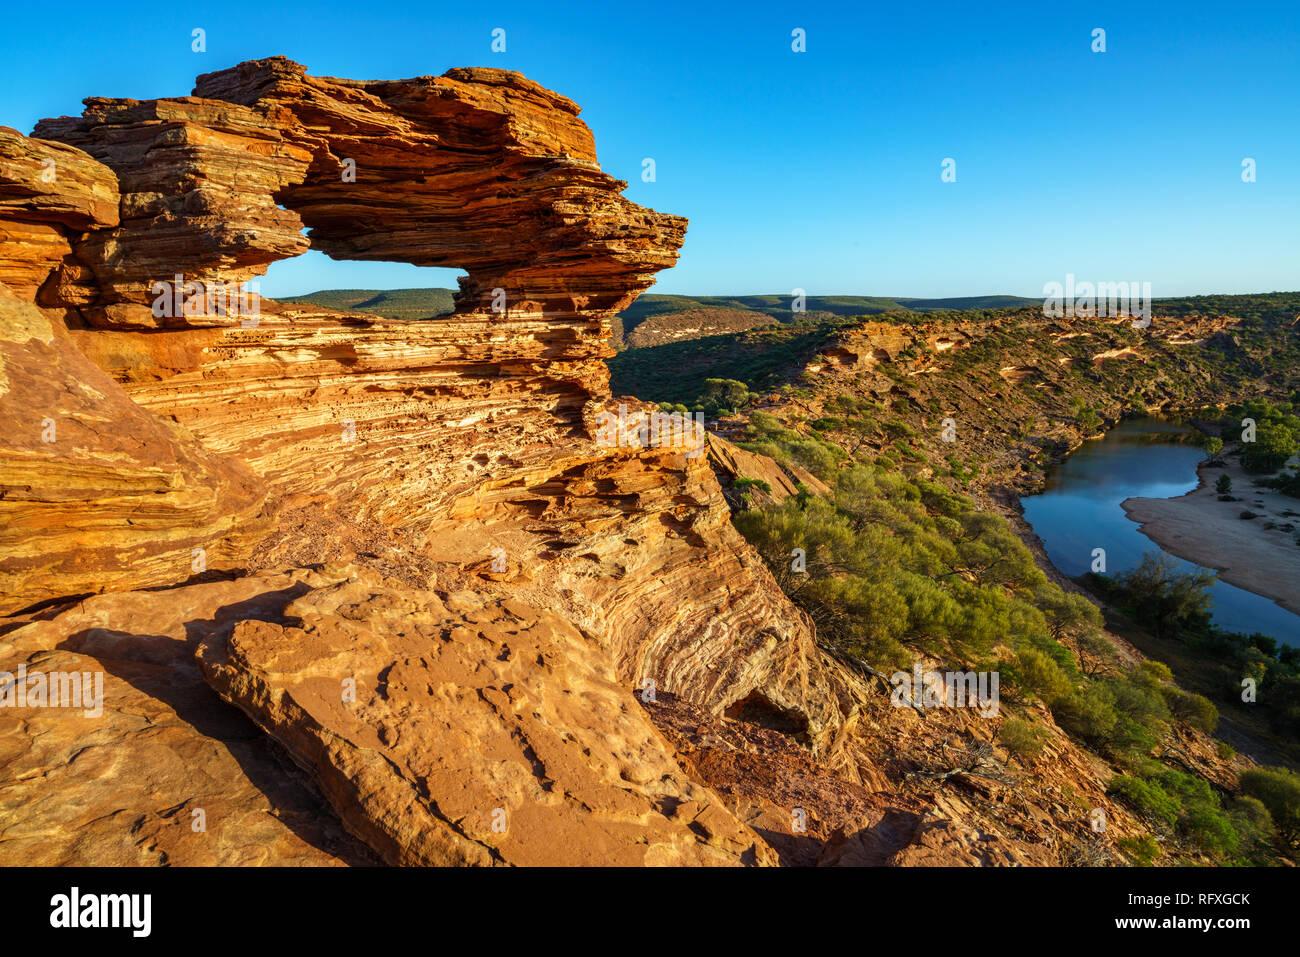 Finestra di natura nel deserto di kalbarri national park, Australia occidentale Immagini Stock